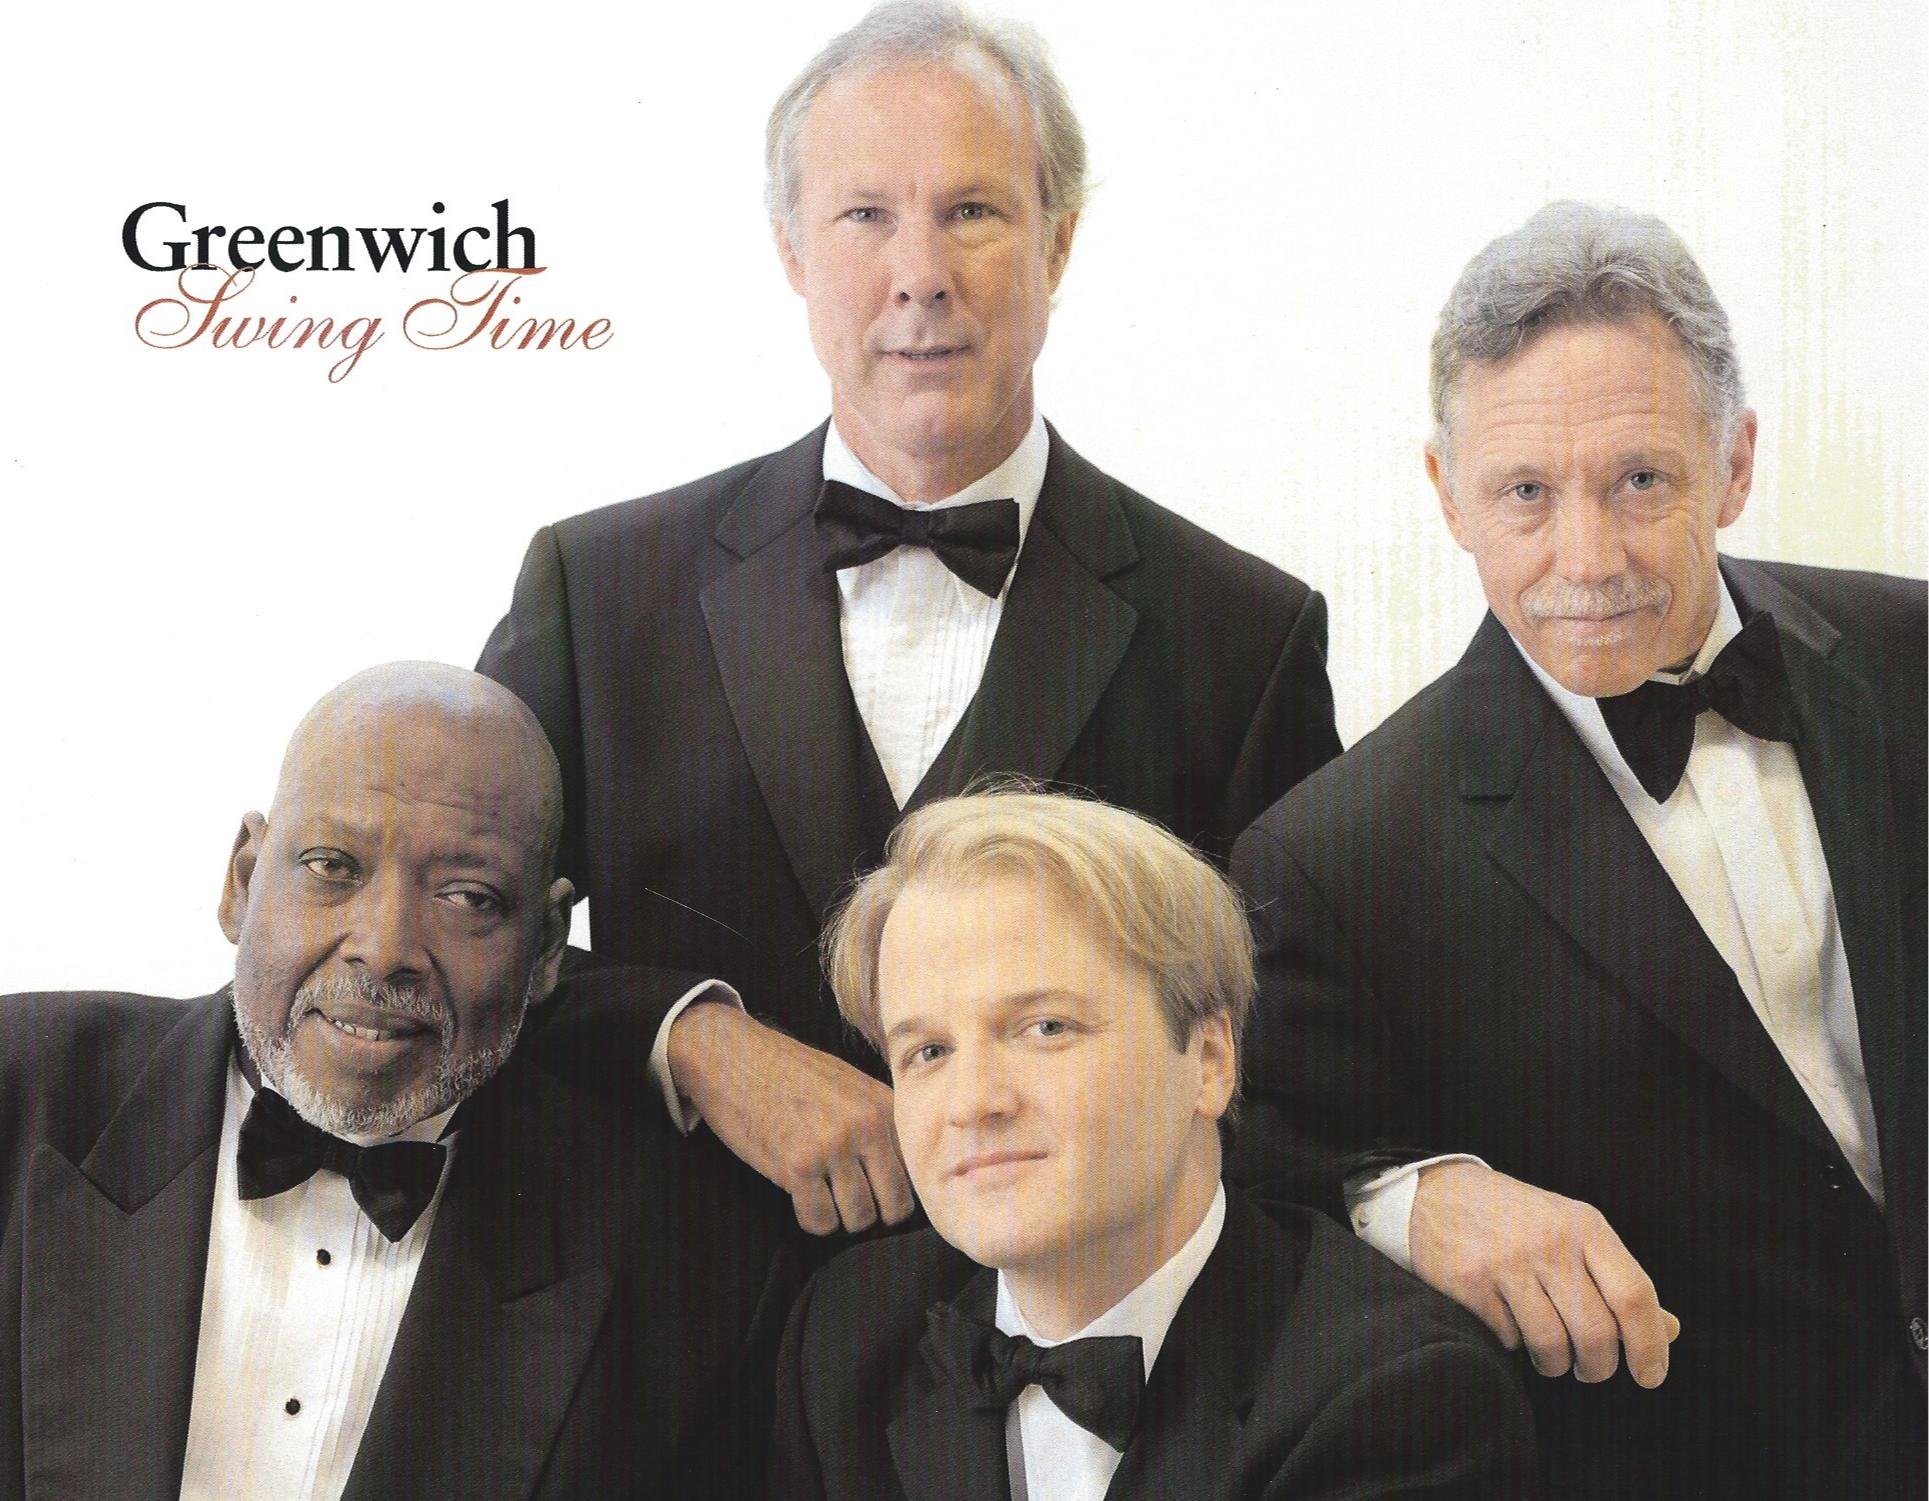 Greenwich Swing Time